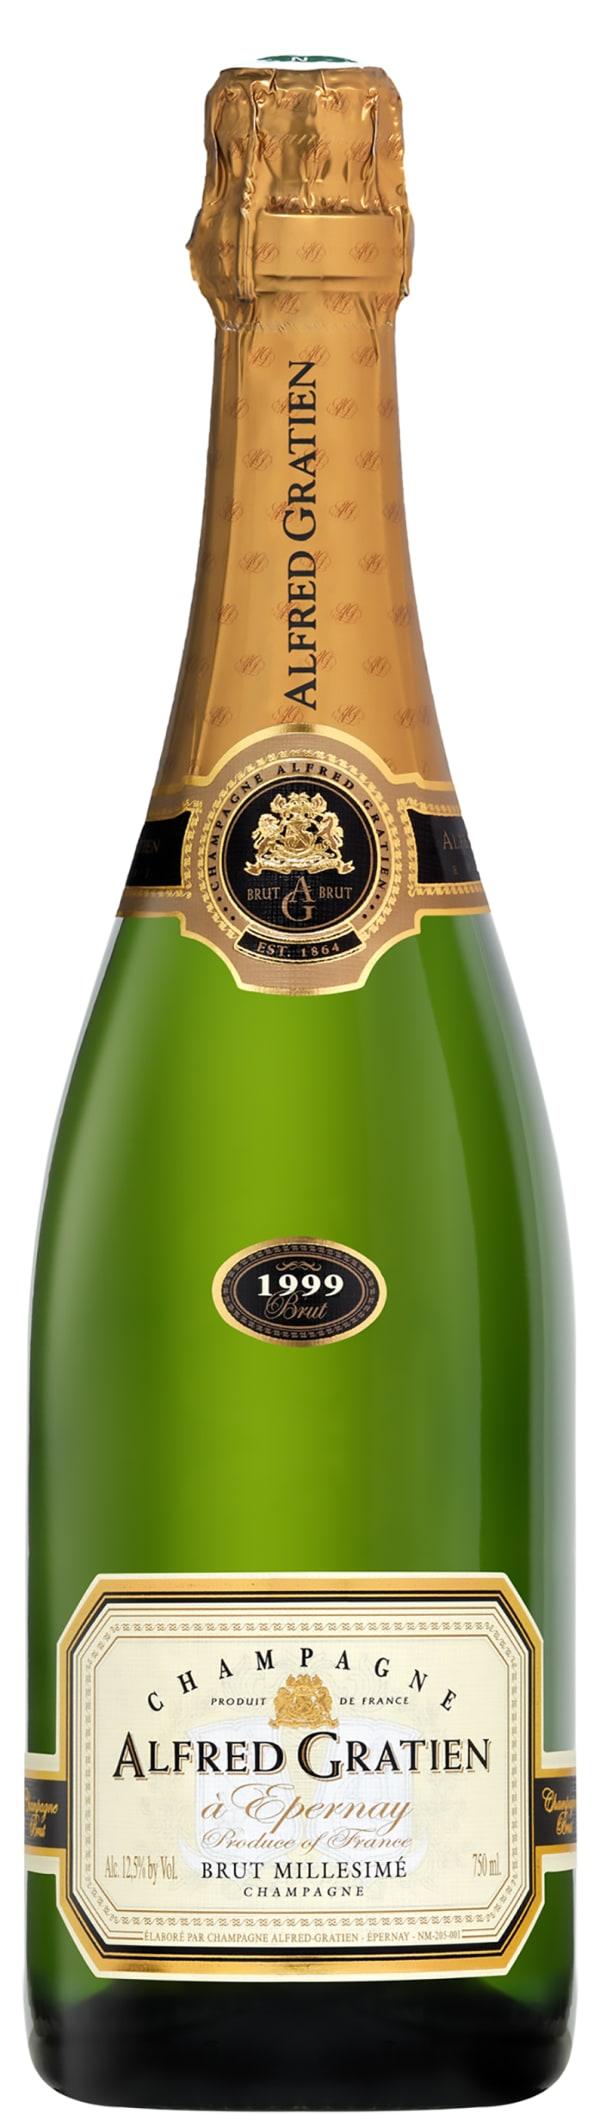 Alfred Gratien Millésime Champagne Brut 1999